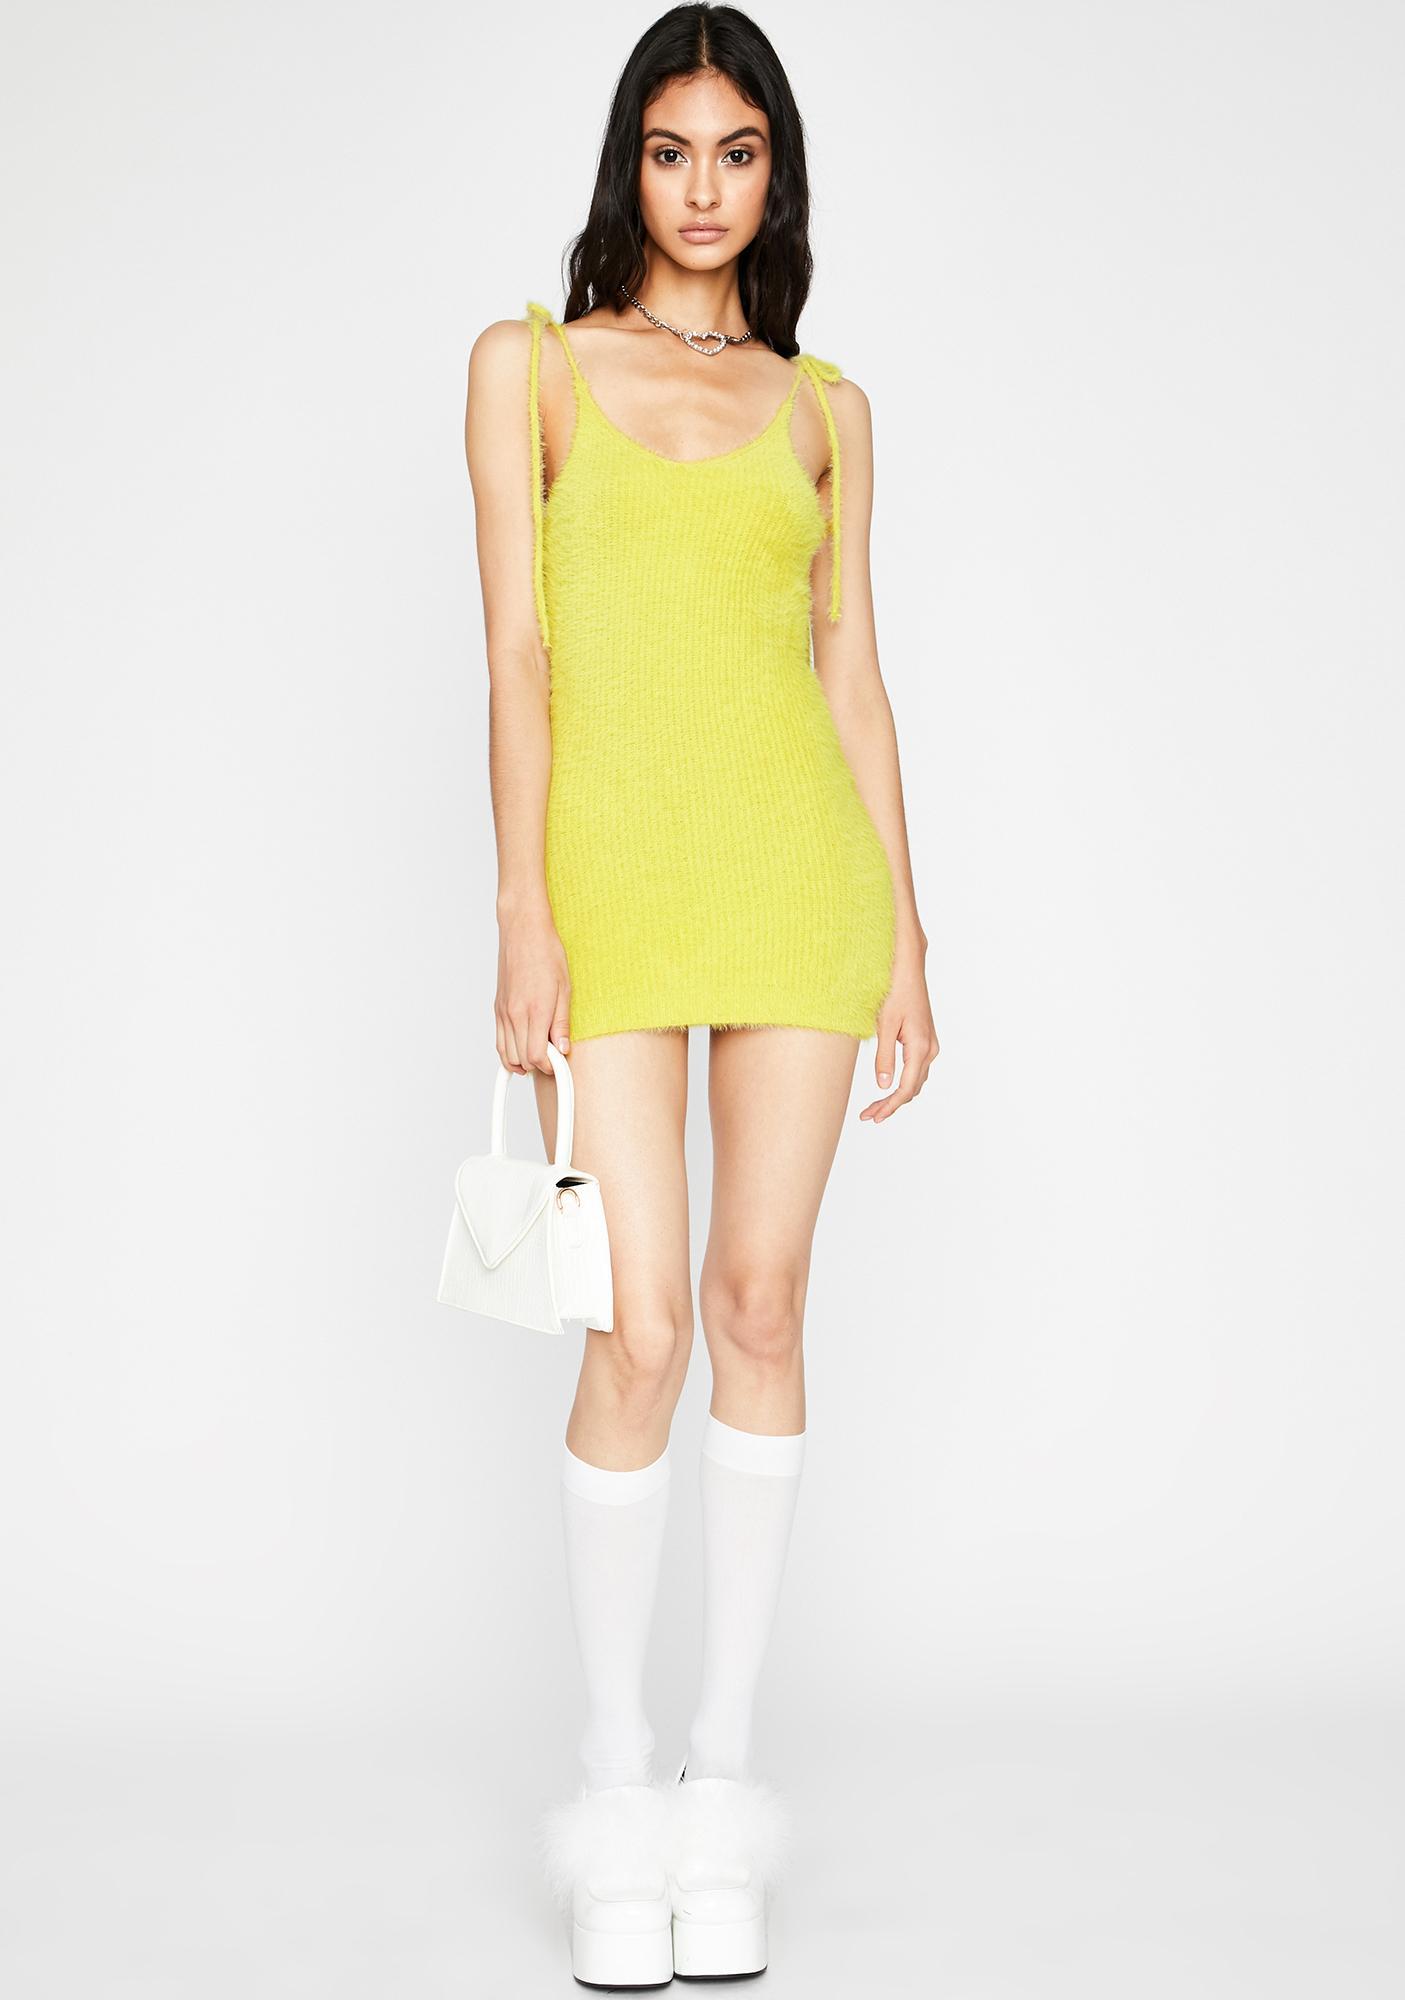 Dude Who Don't Love Me Mini Dress